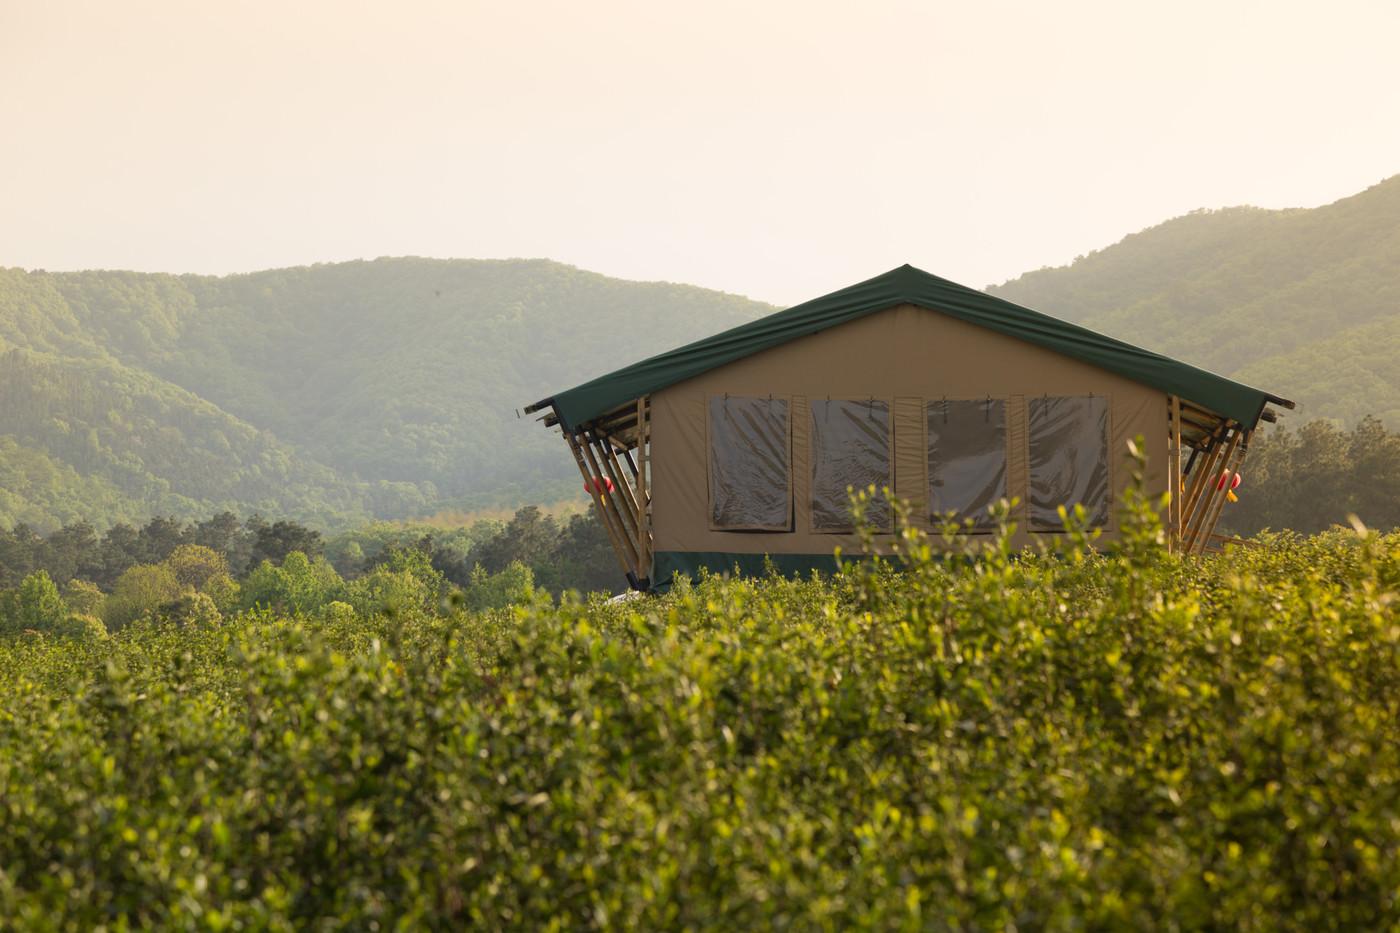 喜马拉雅野奢帐篷酒店—江苏茅山宝盛园(二期)14